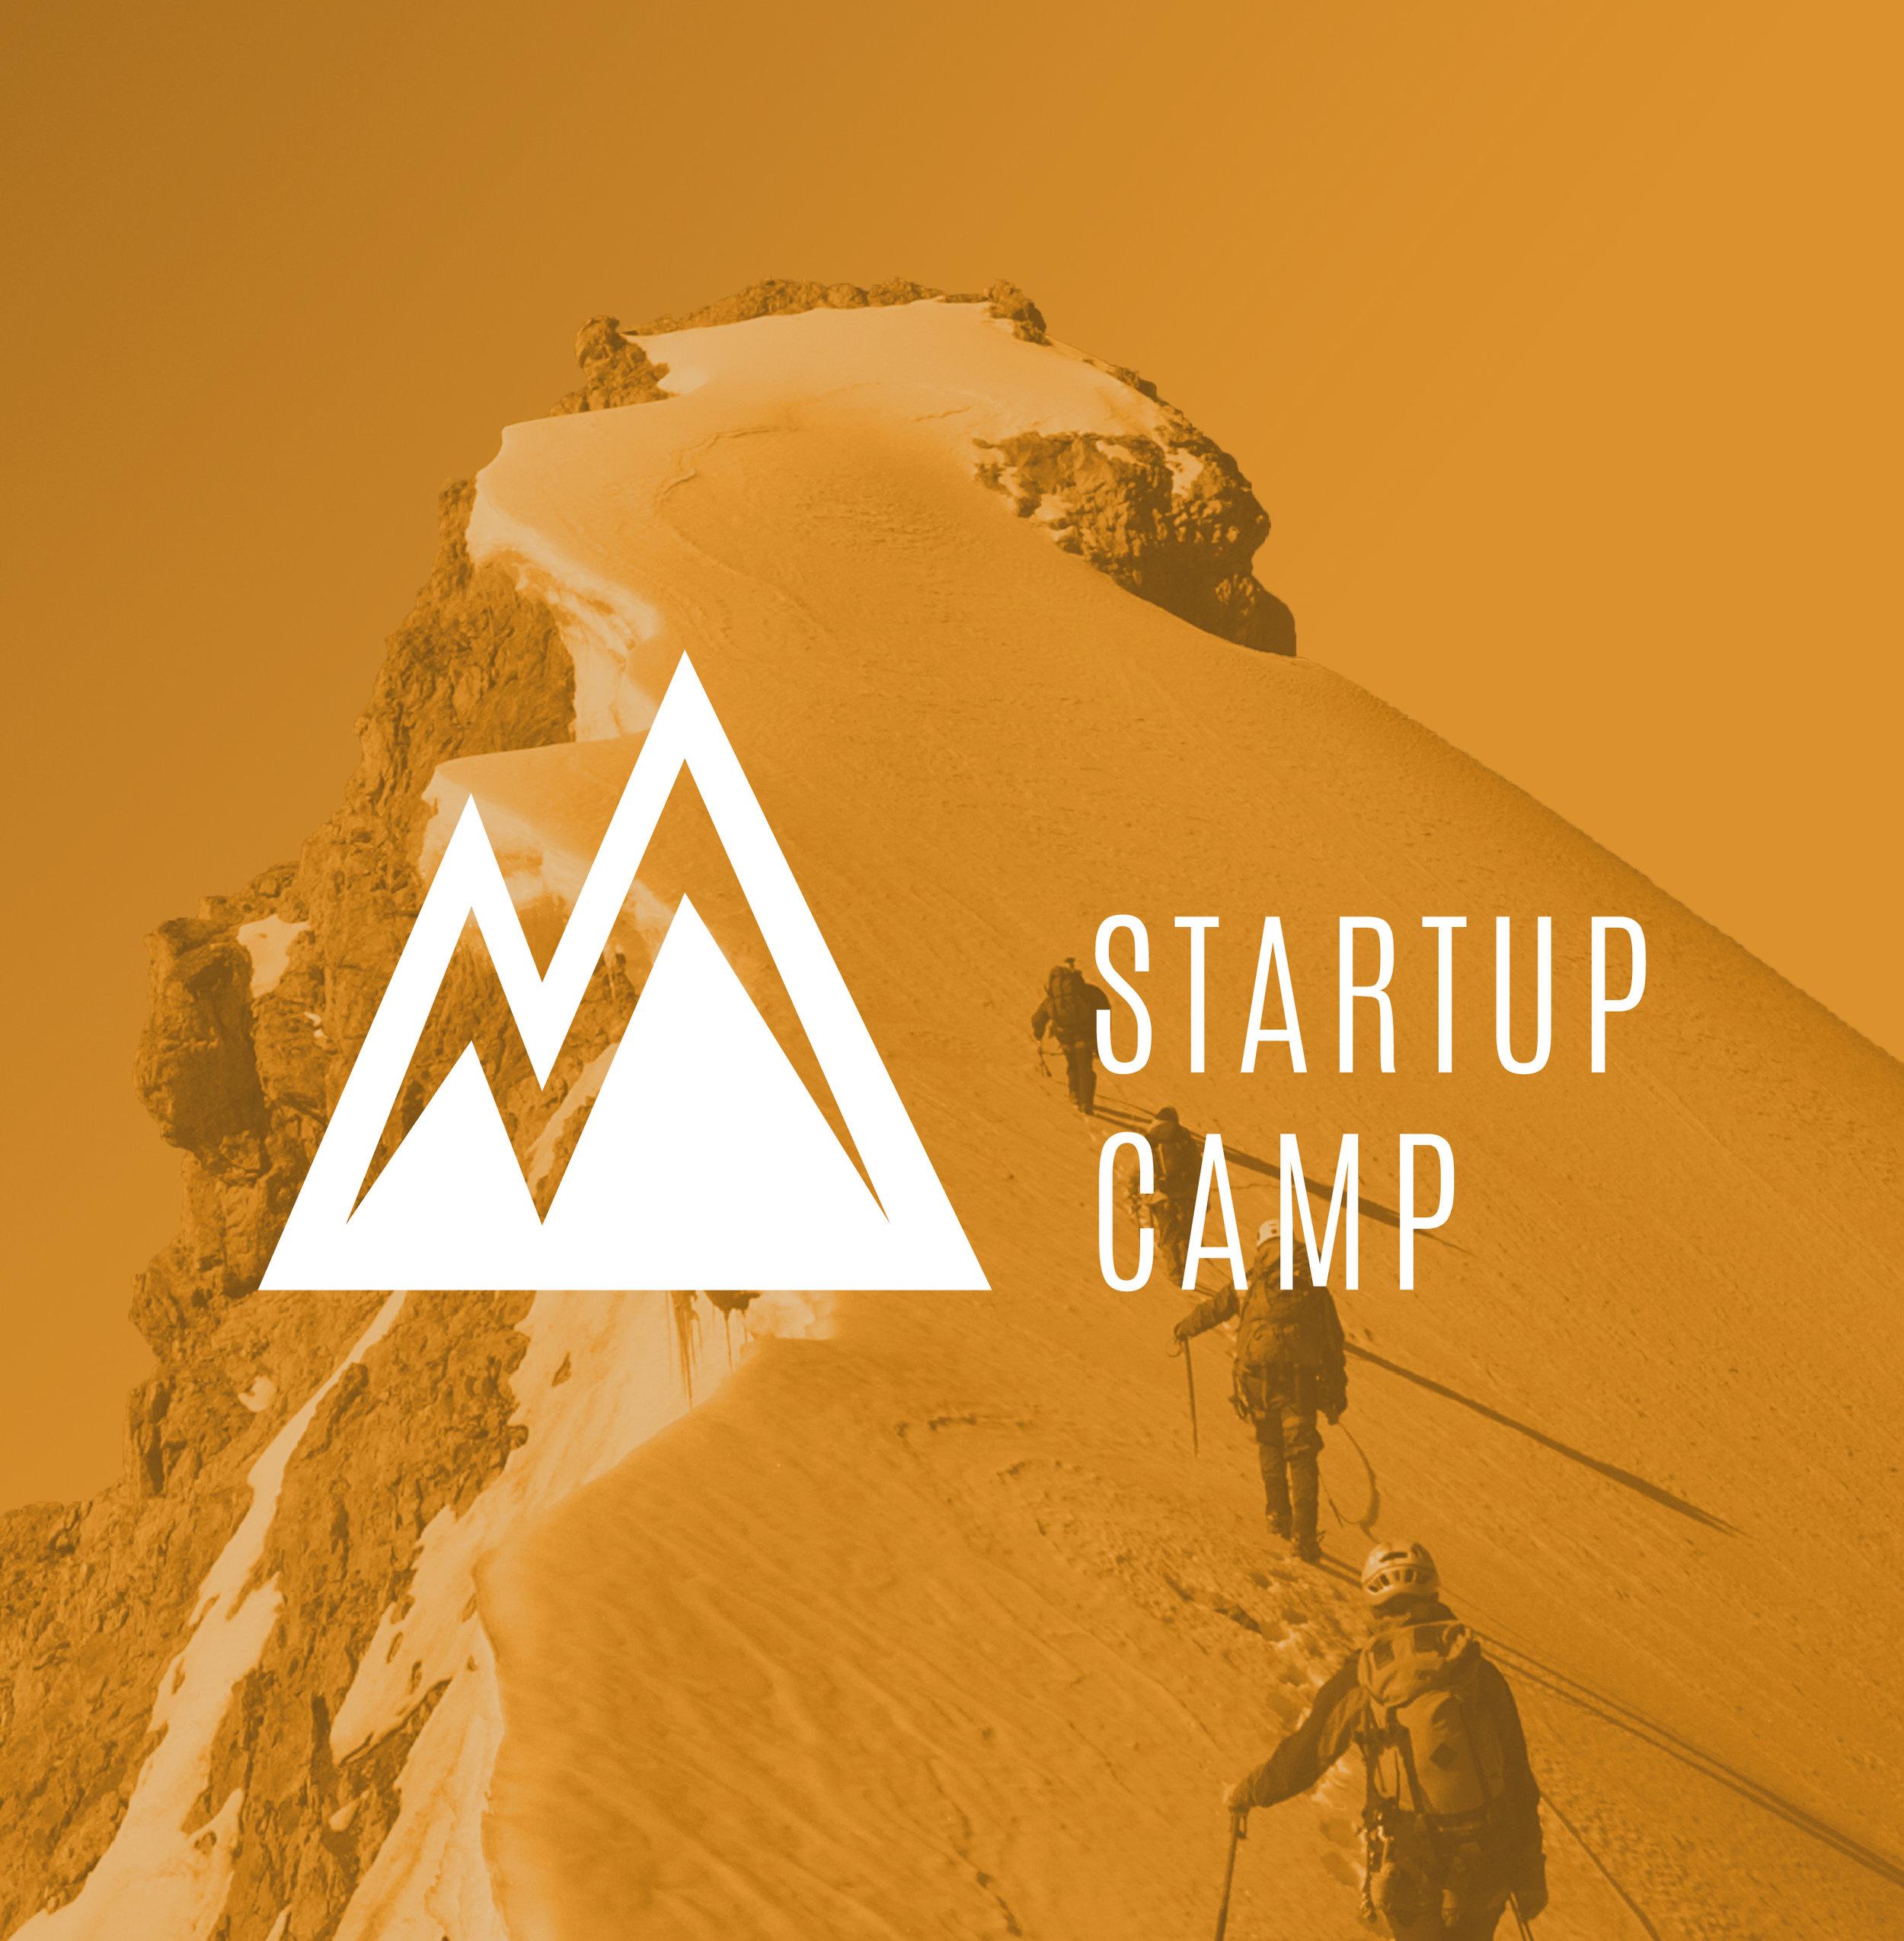 Startup Camp  Accélérateur de Startup  6 semaines pour valider votre business modèle. Méthodologie Lean startup et coaching intensif.